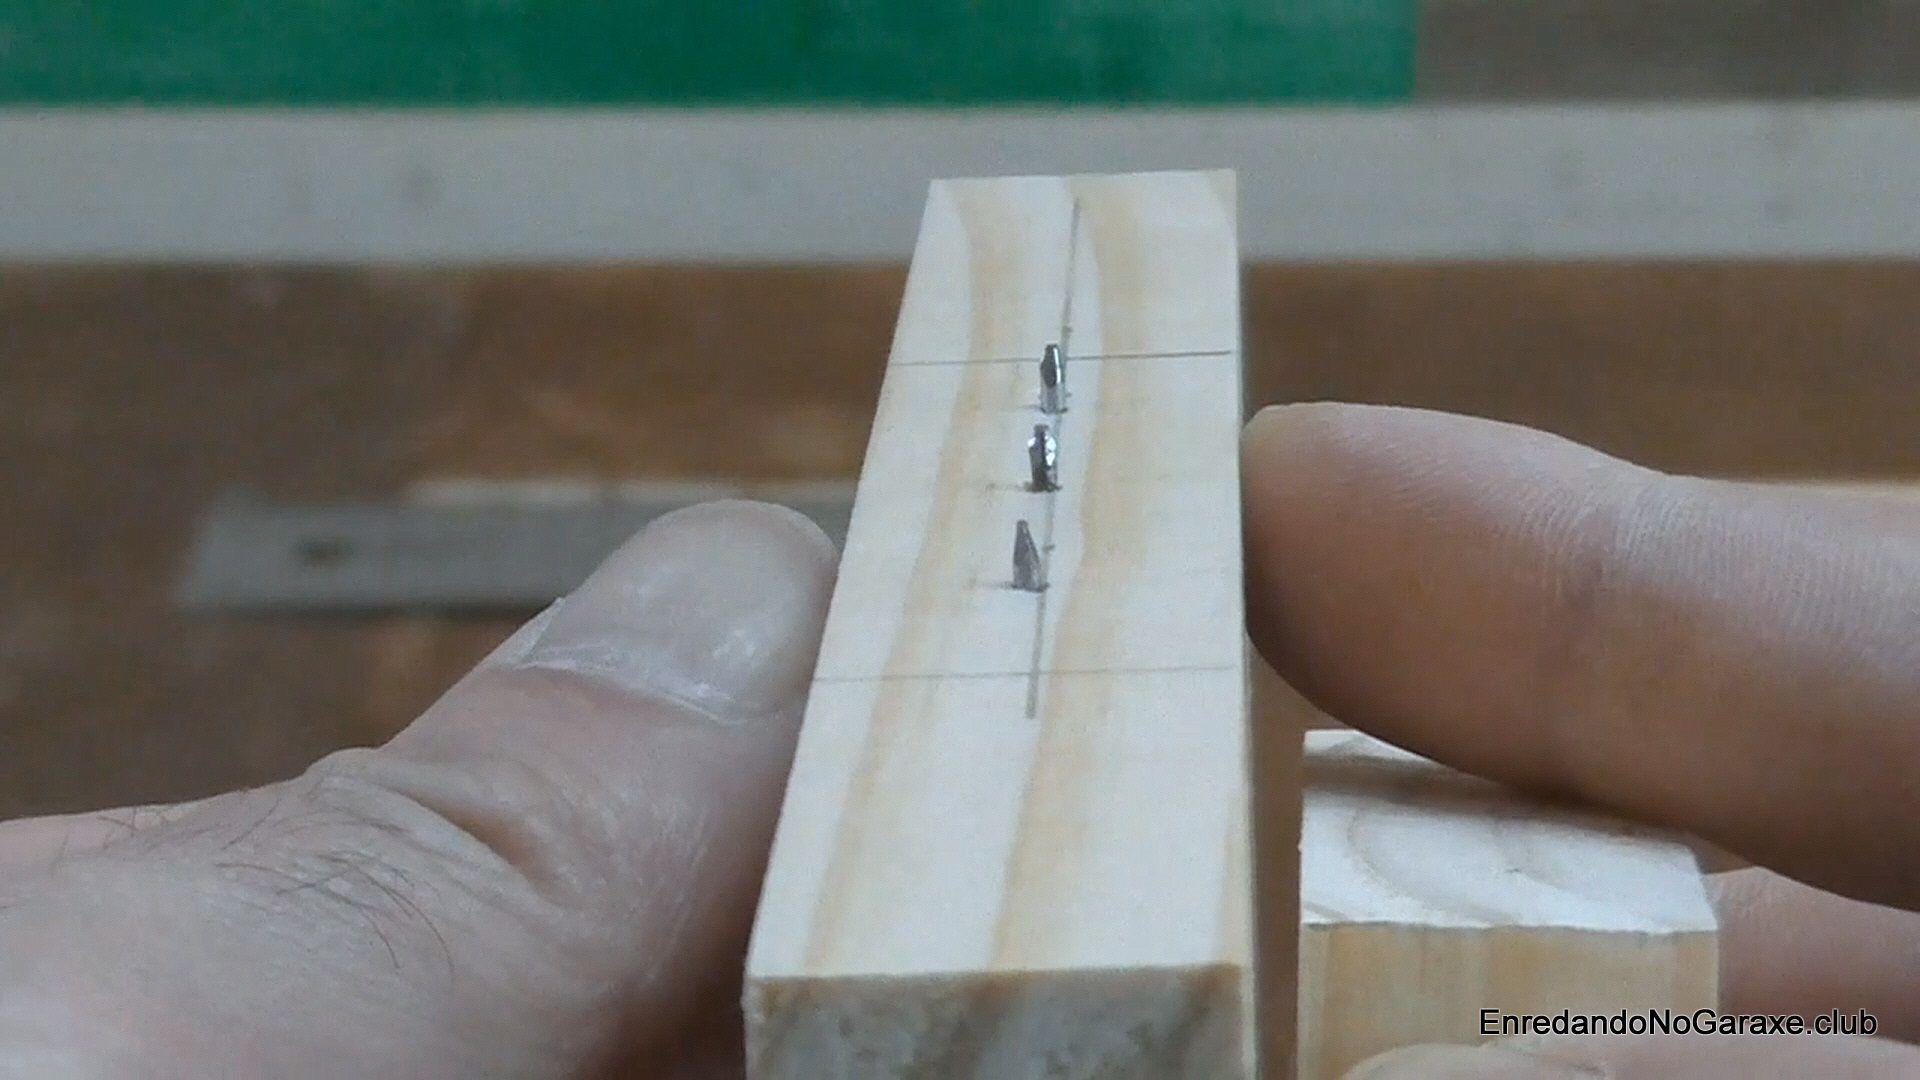 Clavos para centrar espigas de madera